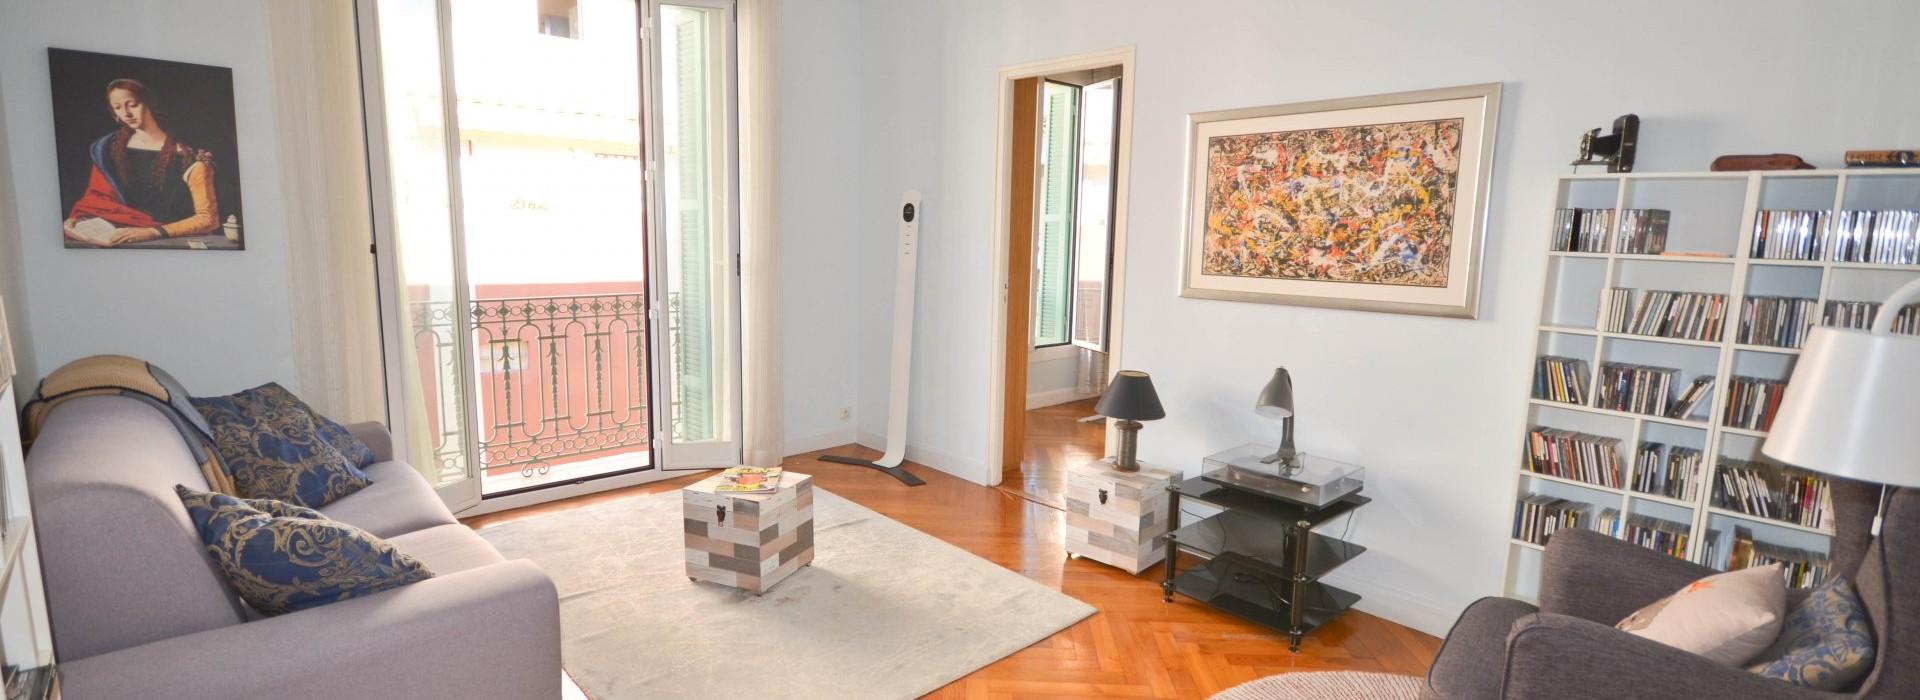 Appartement Nice 3 Pièces 86m2 430,500€